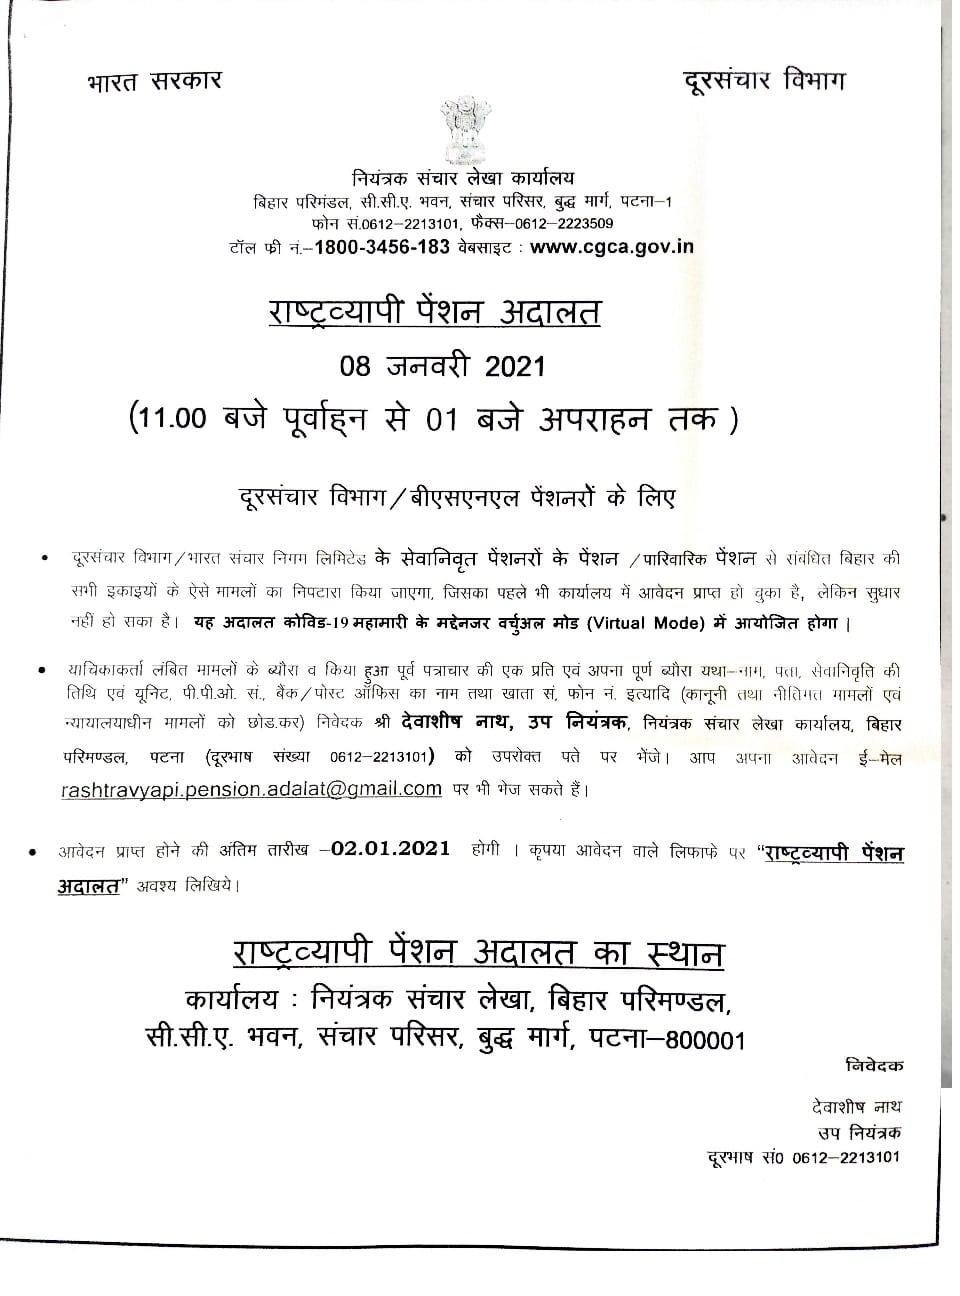 Pension Adalat on 08 January 2021: देशभर में पेंशनरों के लिए पेंशन अदालत का आयोजन